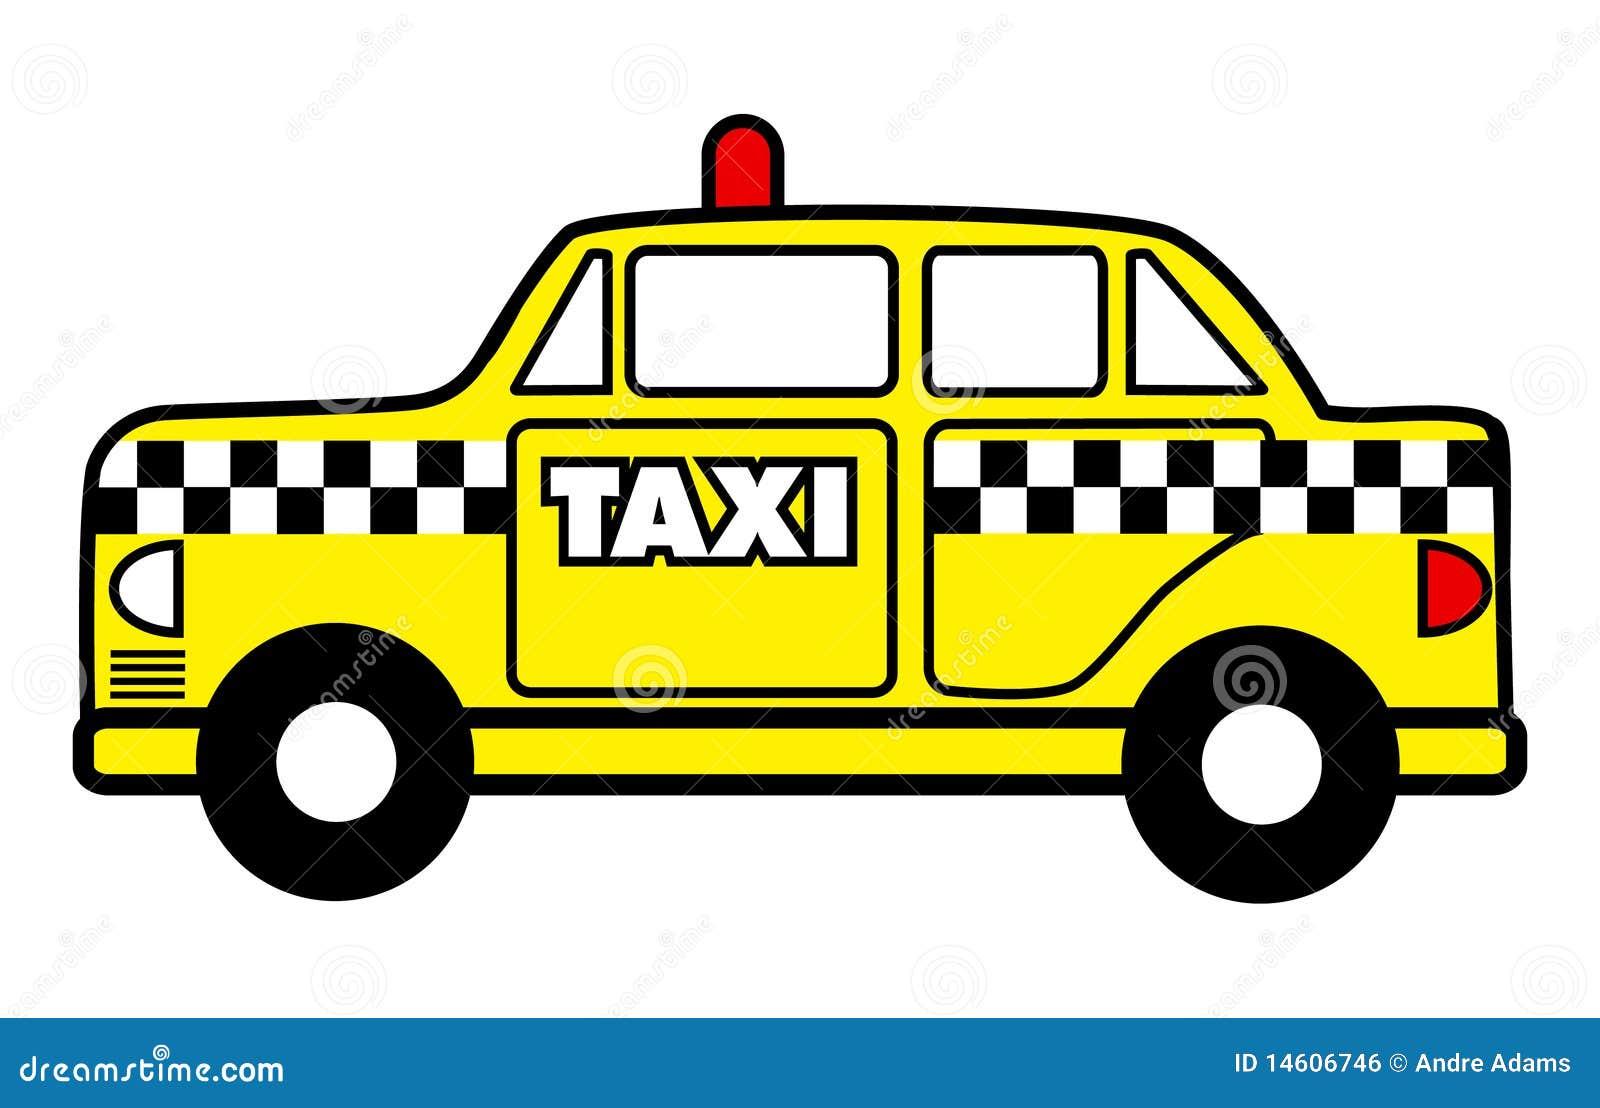 Casilla de taxi